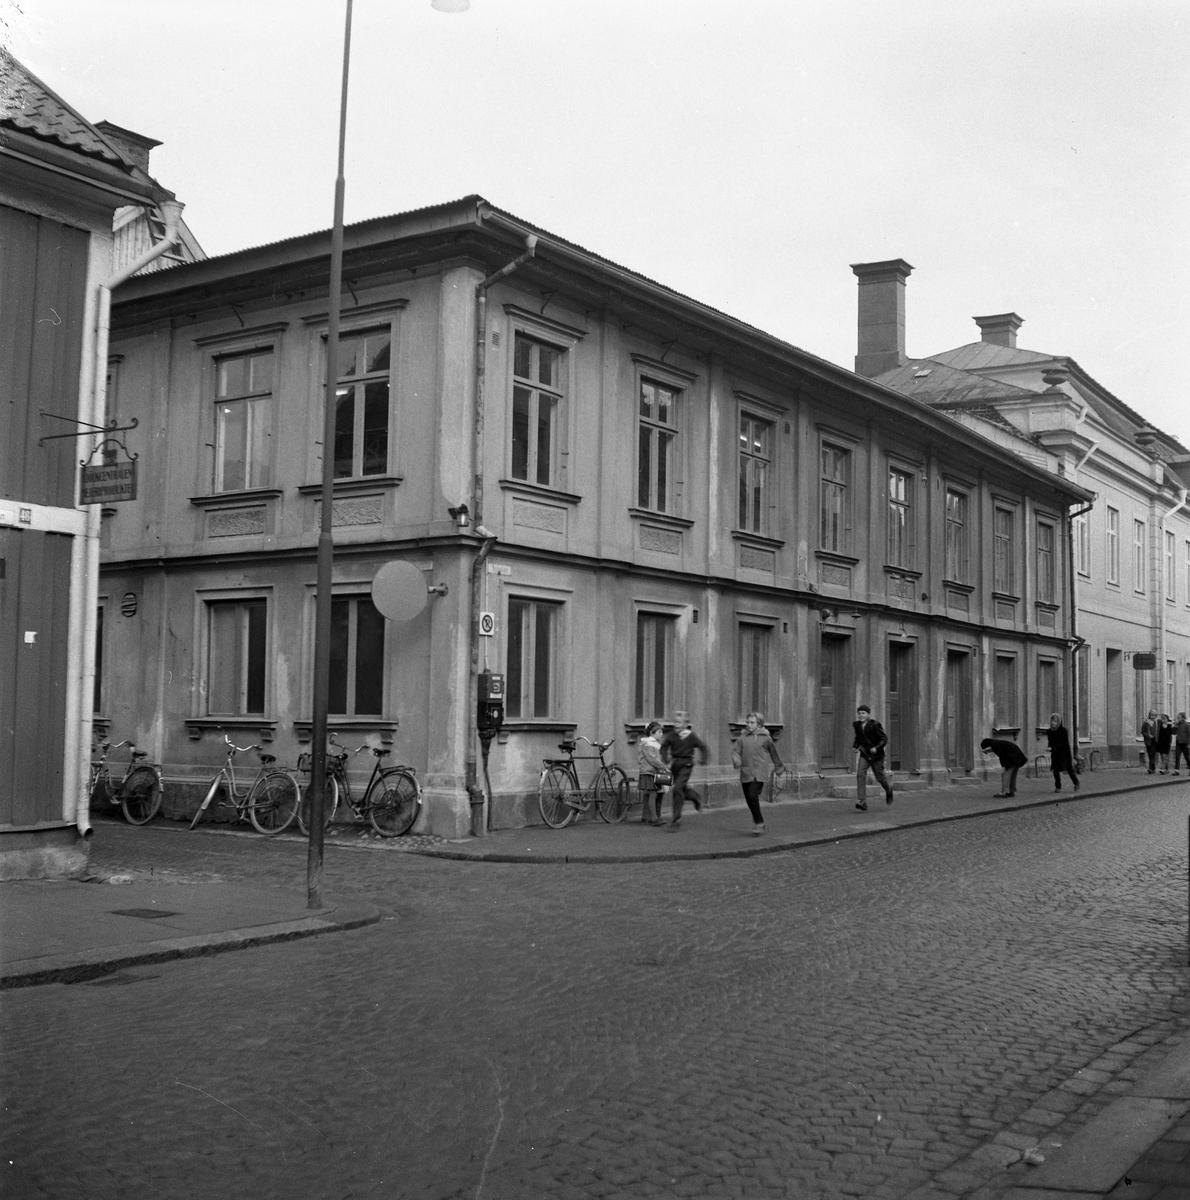 """Biblioteket ligger i den här fastigheten på Nygatan. Huset är """"Gamla Gästis"""". Skolbarn kommer springande på trottoaren. Flera cyklar är parkerade utanför biblioteket. På huset längst till vänster hänger en skylt med texten """"Mjölkcentralen. Mejeriprodukter""""."""